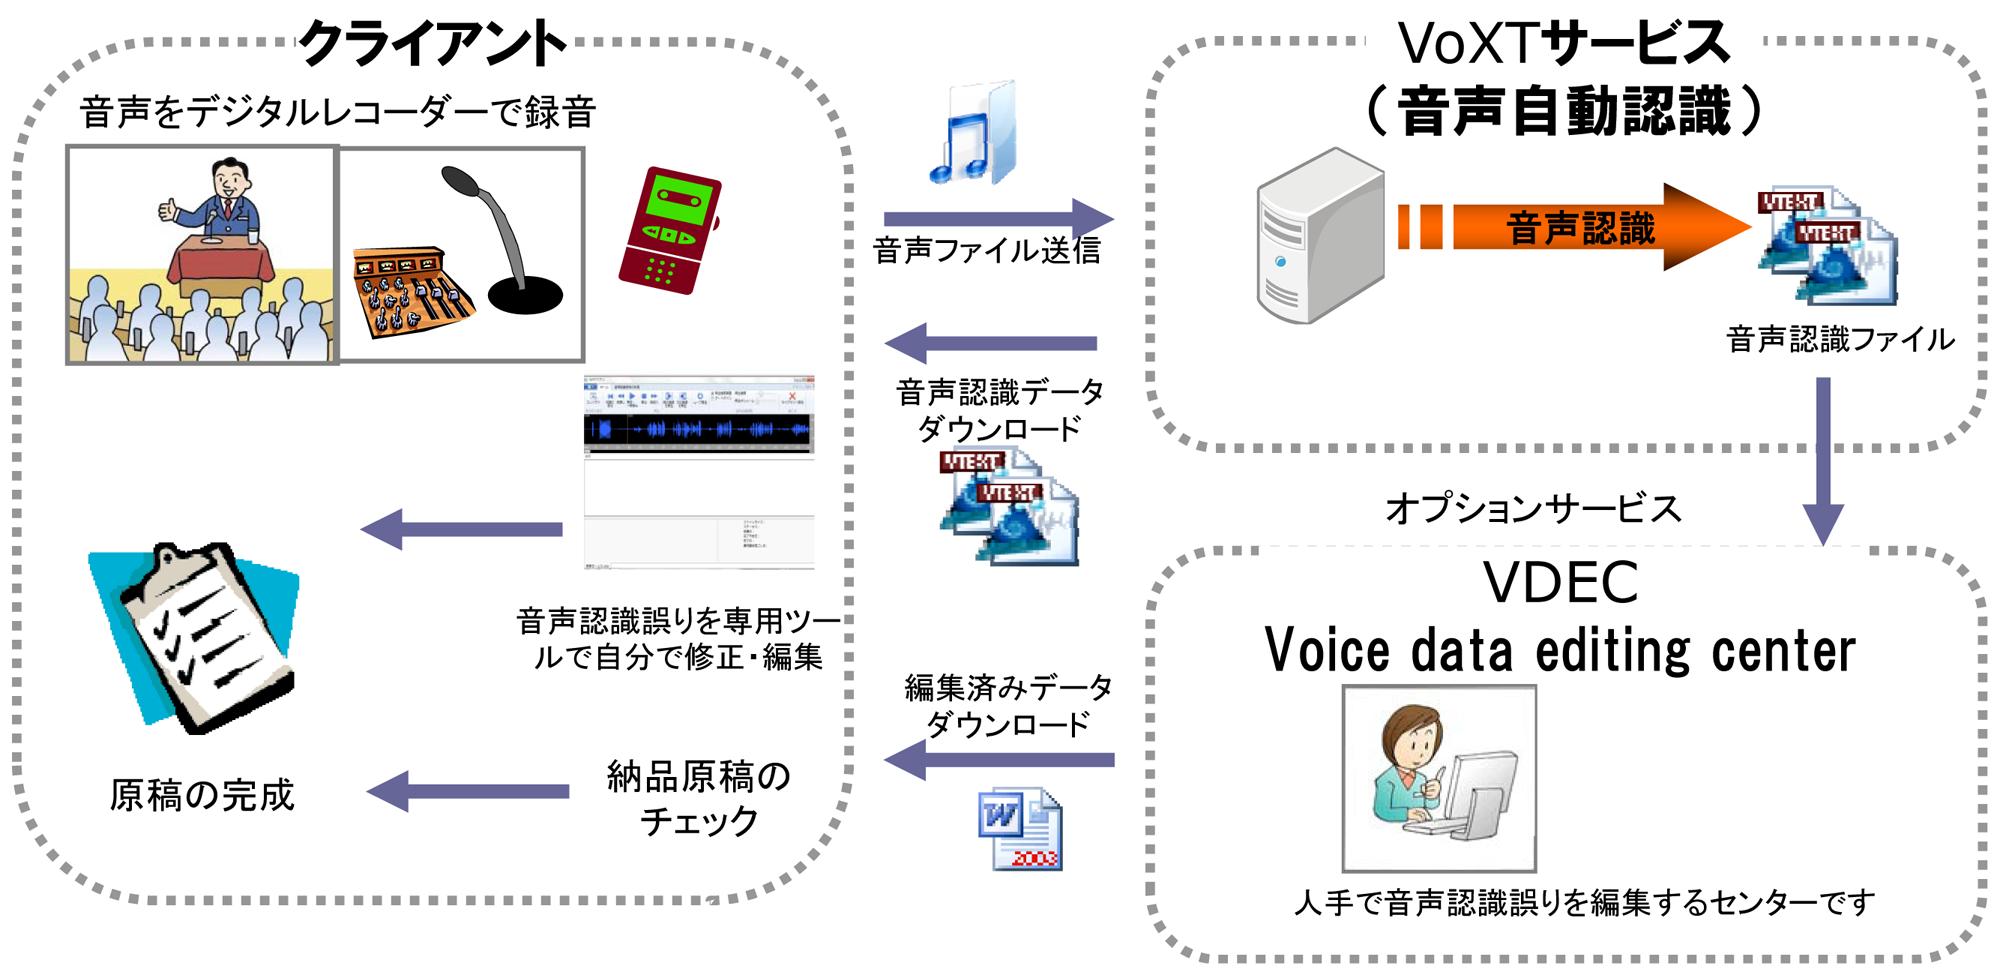 VoXTサービス